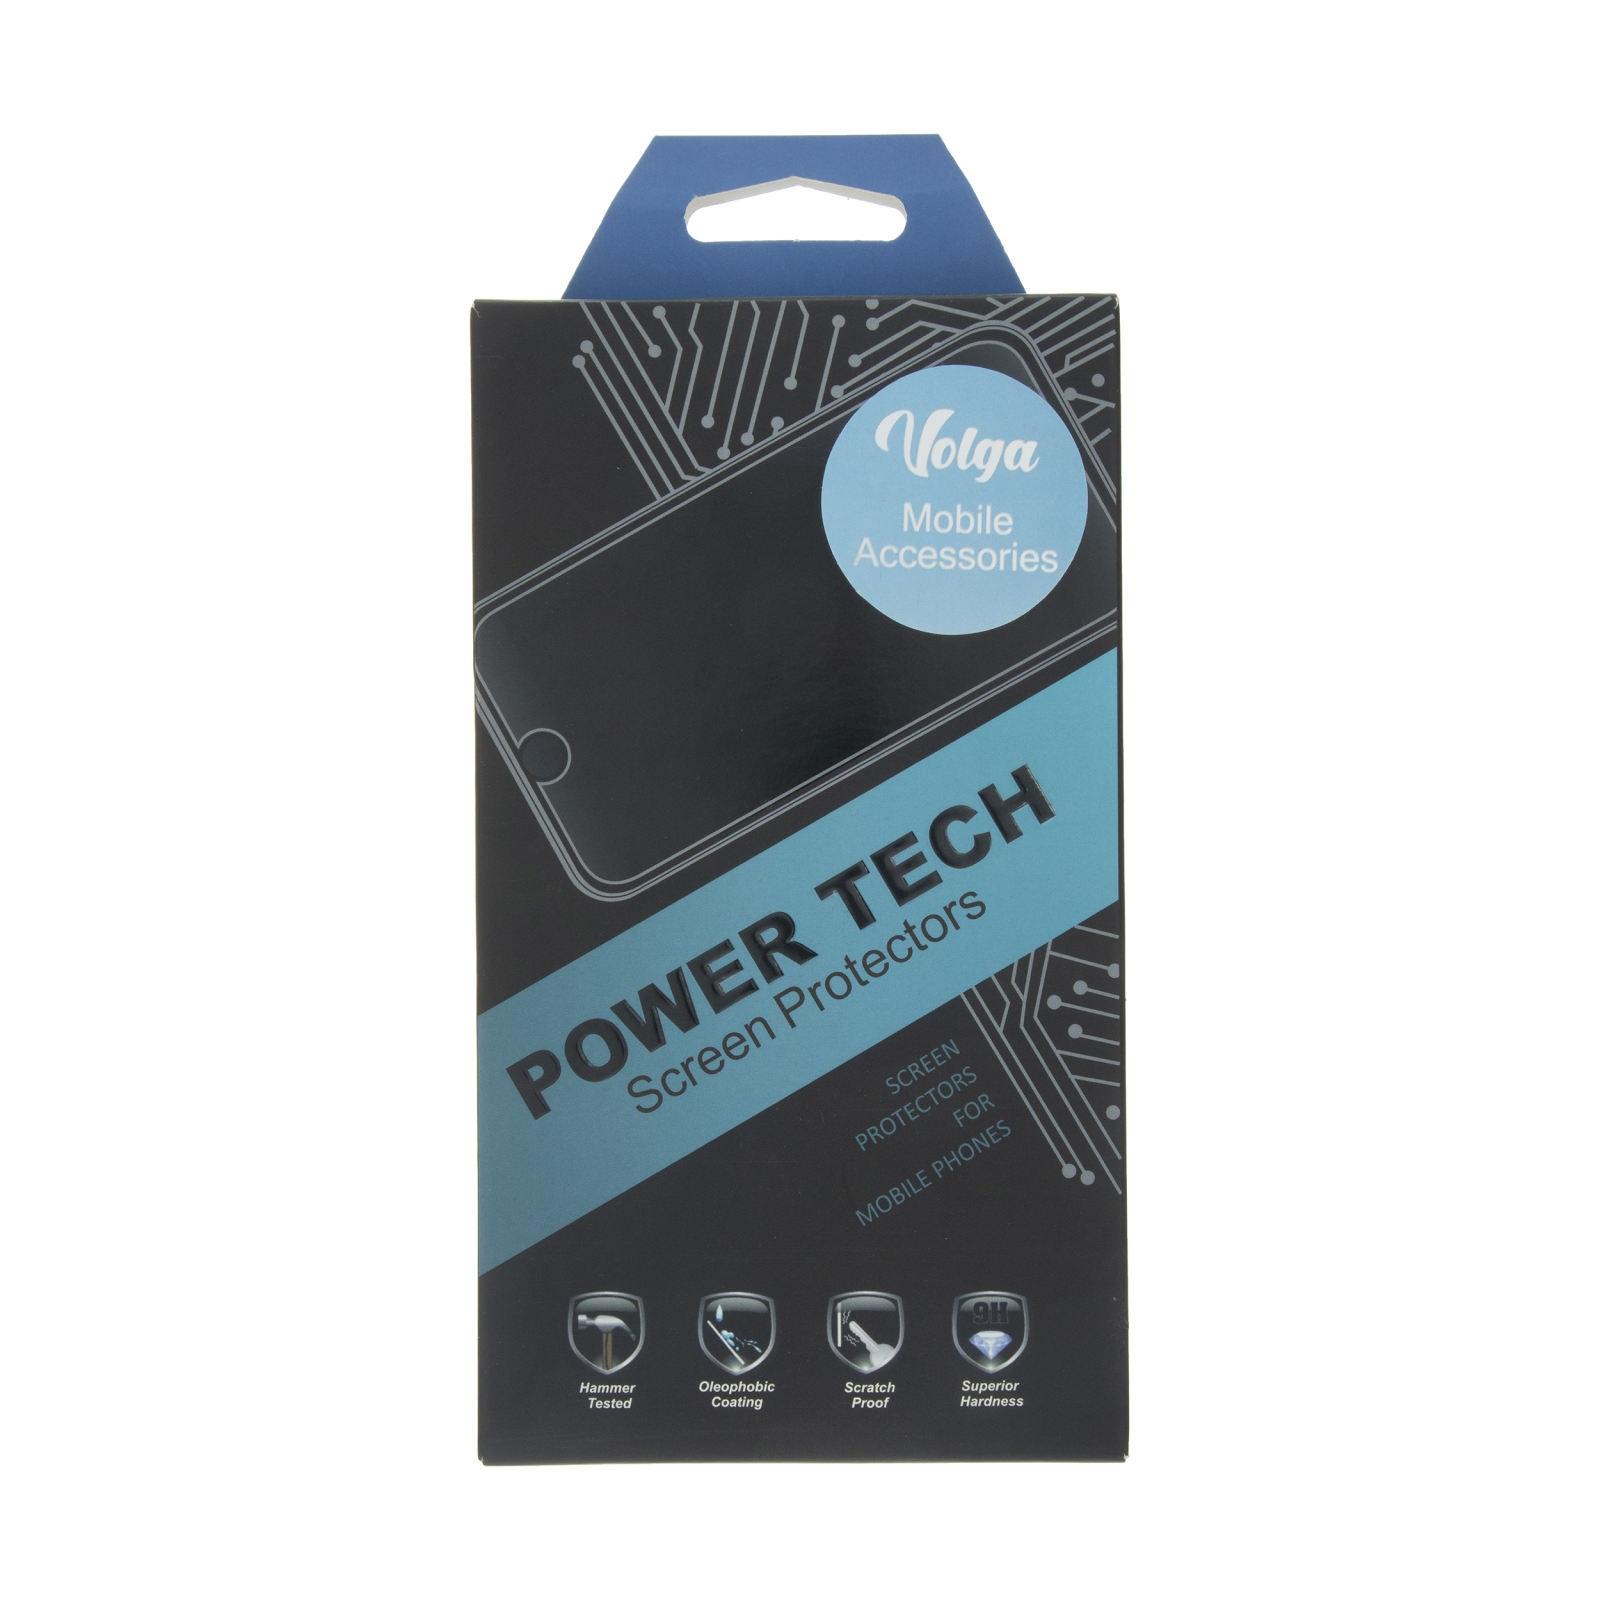 محافظ صفحه نمایش ولگا مدل Powertech مناسب برای گوشی موبایل اپل Iphone 11 Pro